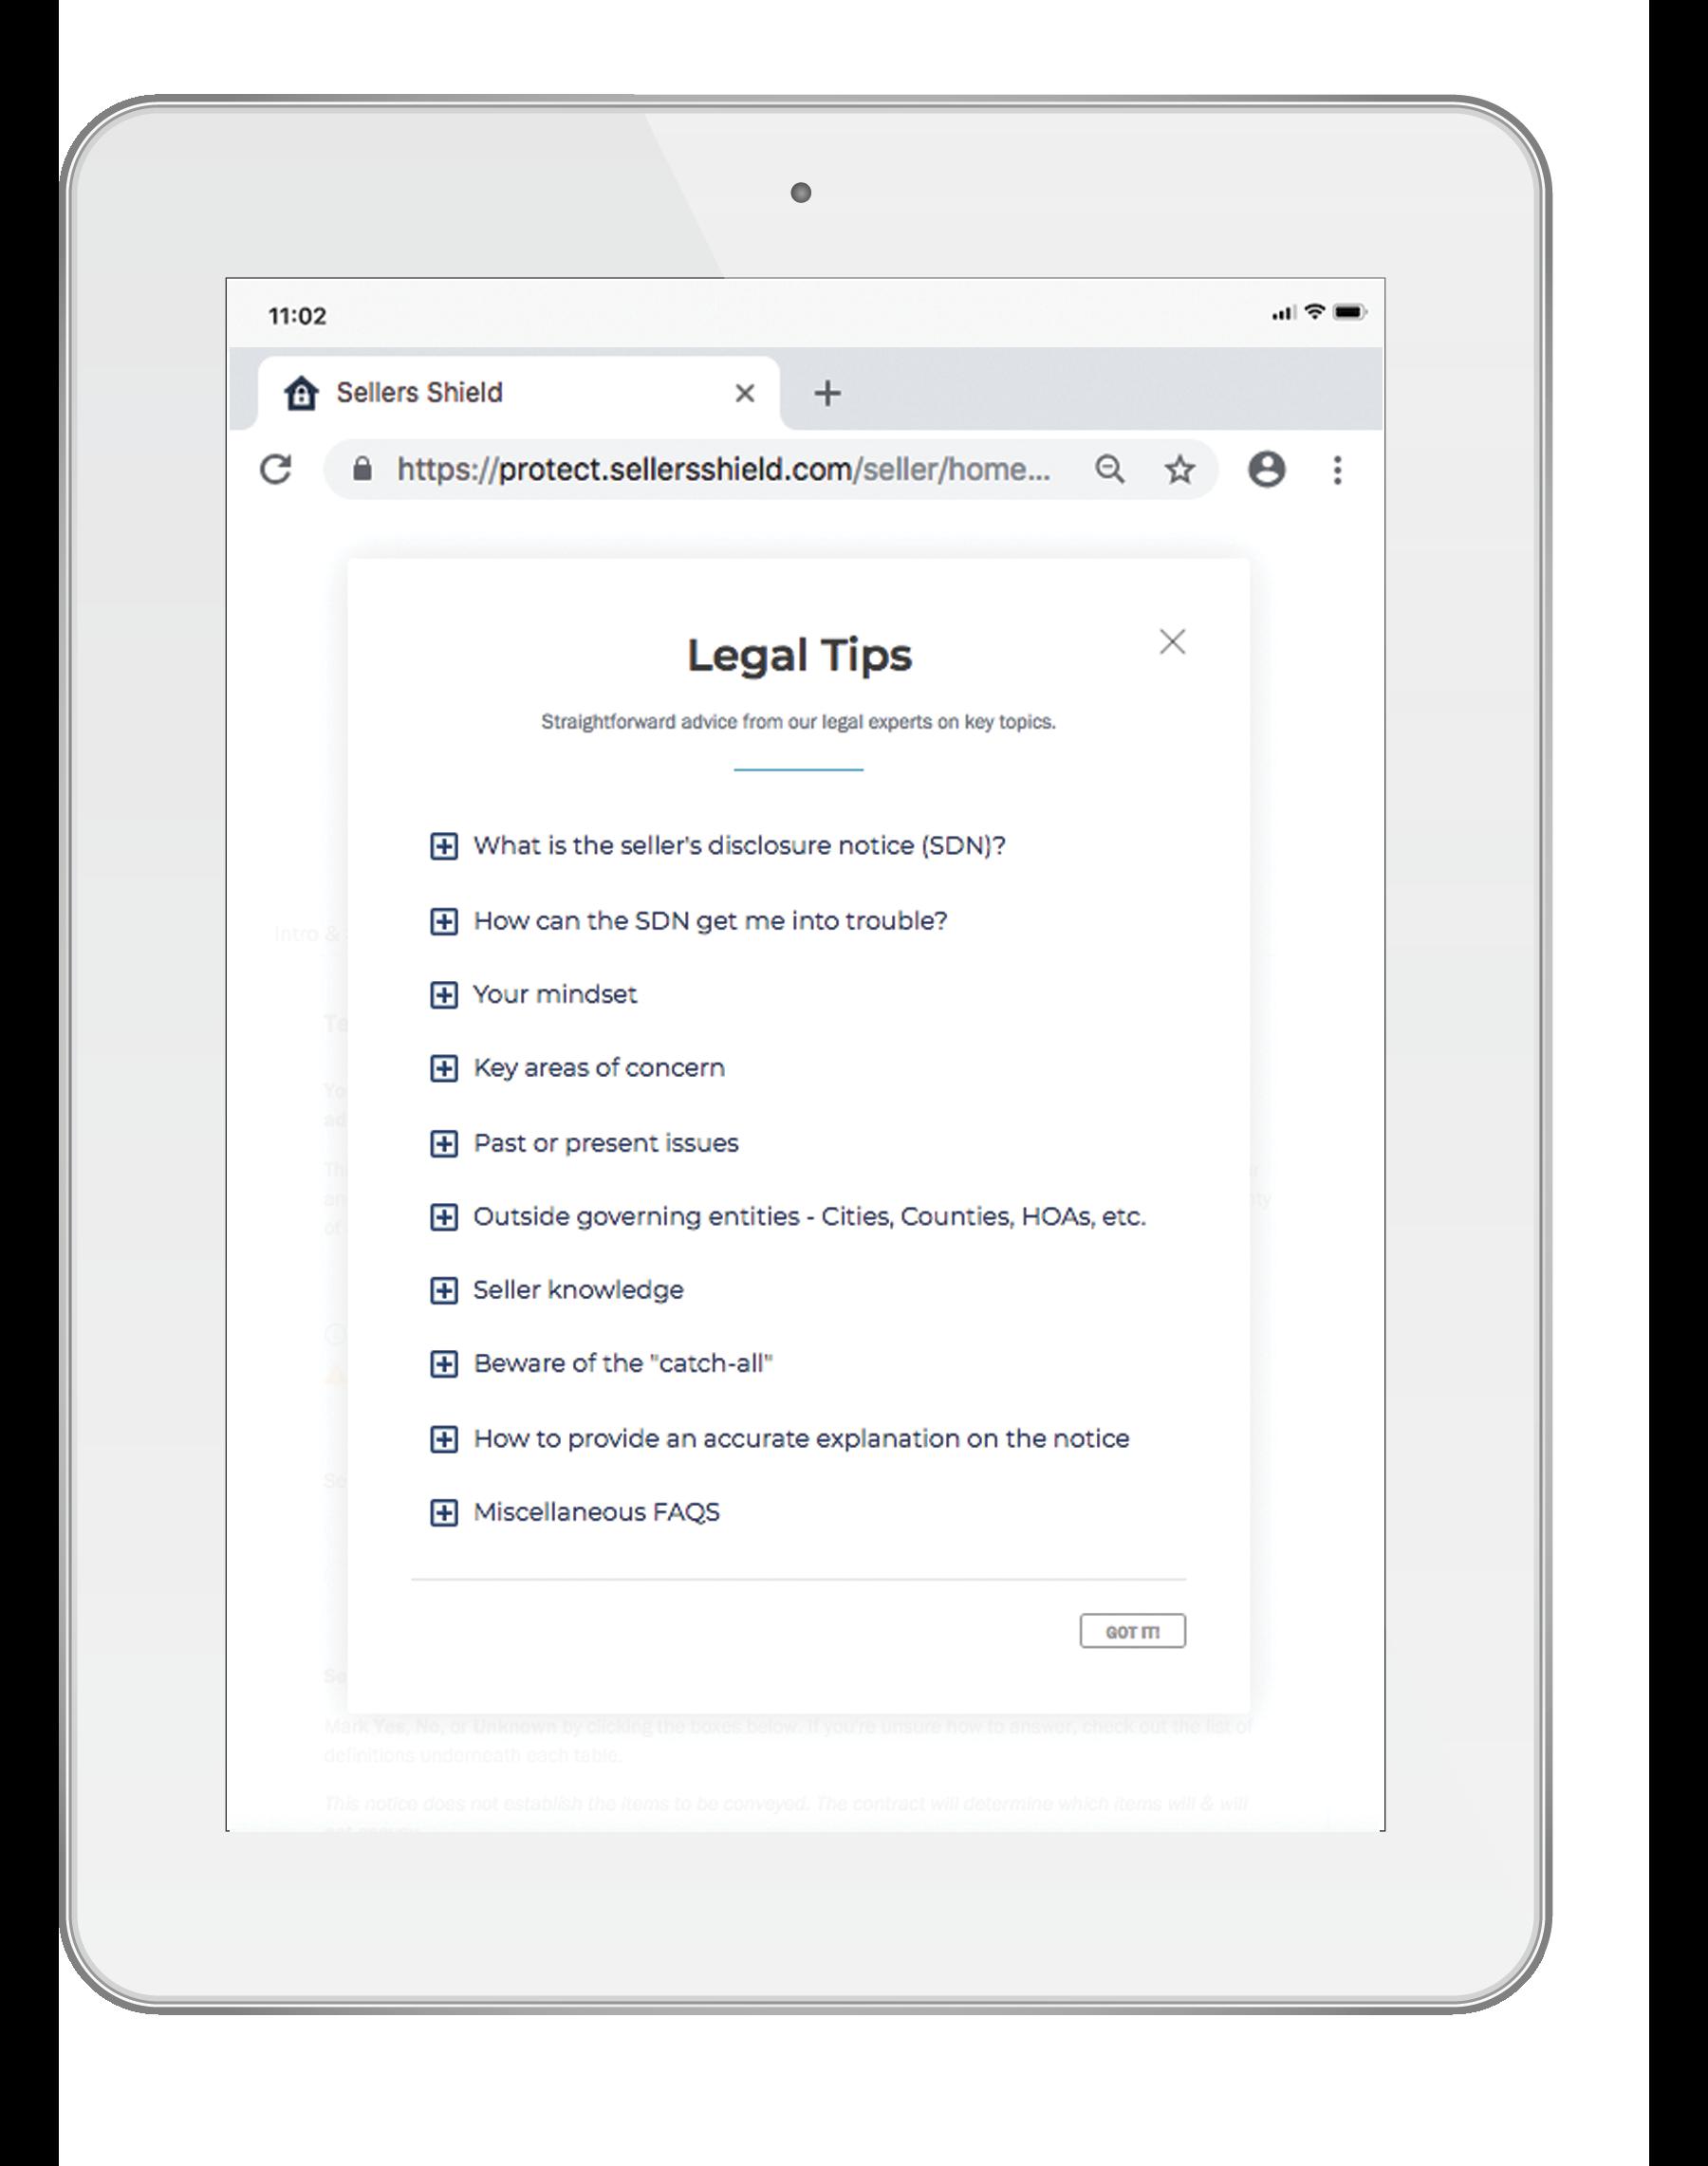 IPad_LegalTipsScreen_Transparent.png